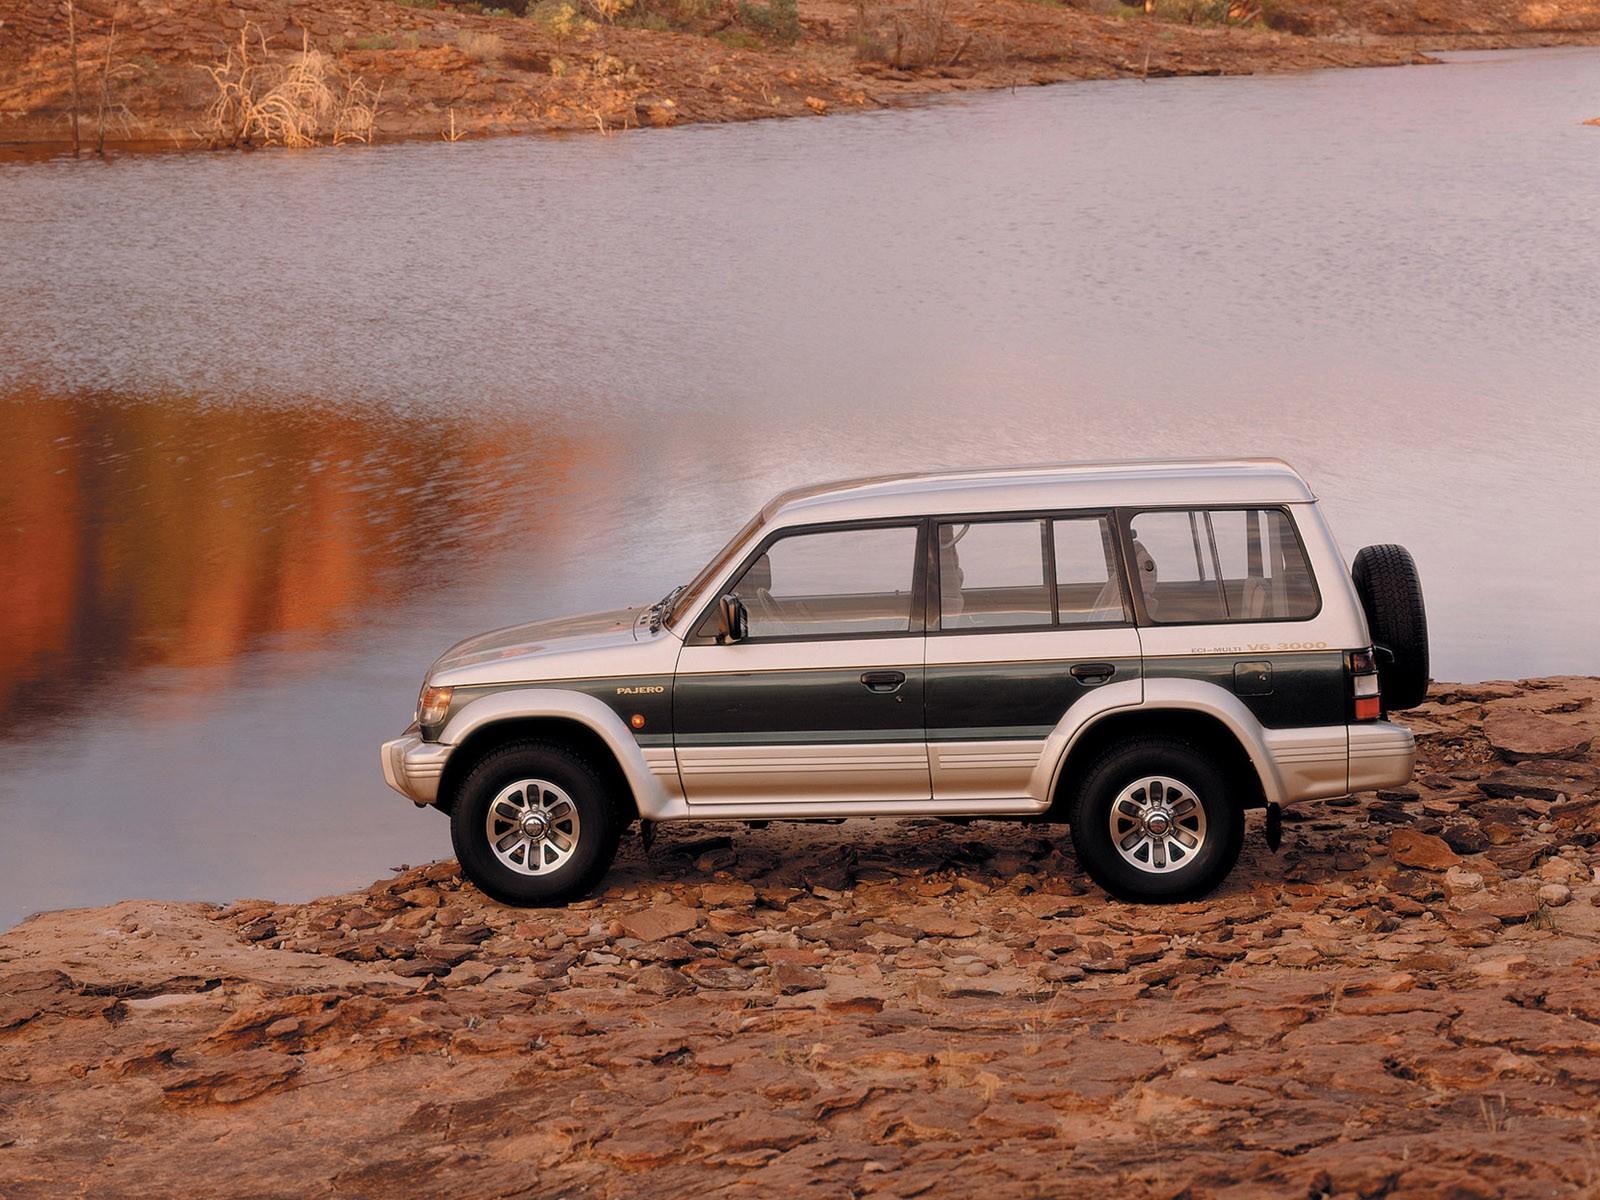 ВХакасии отыскали автомобиль счетырьмя трупами наберегу реки